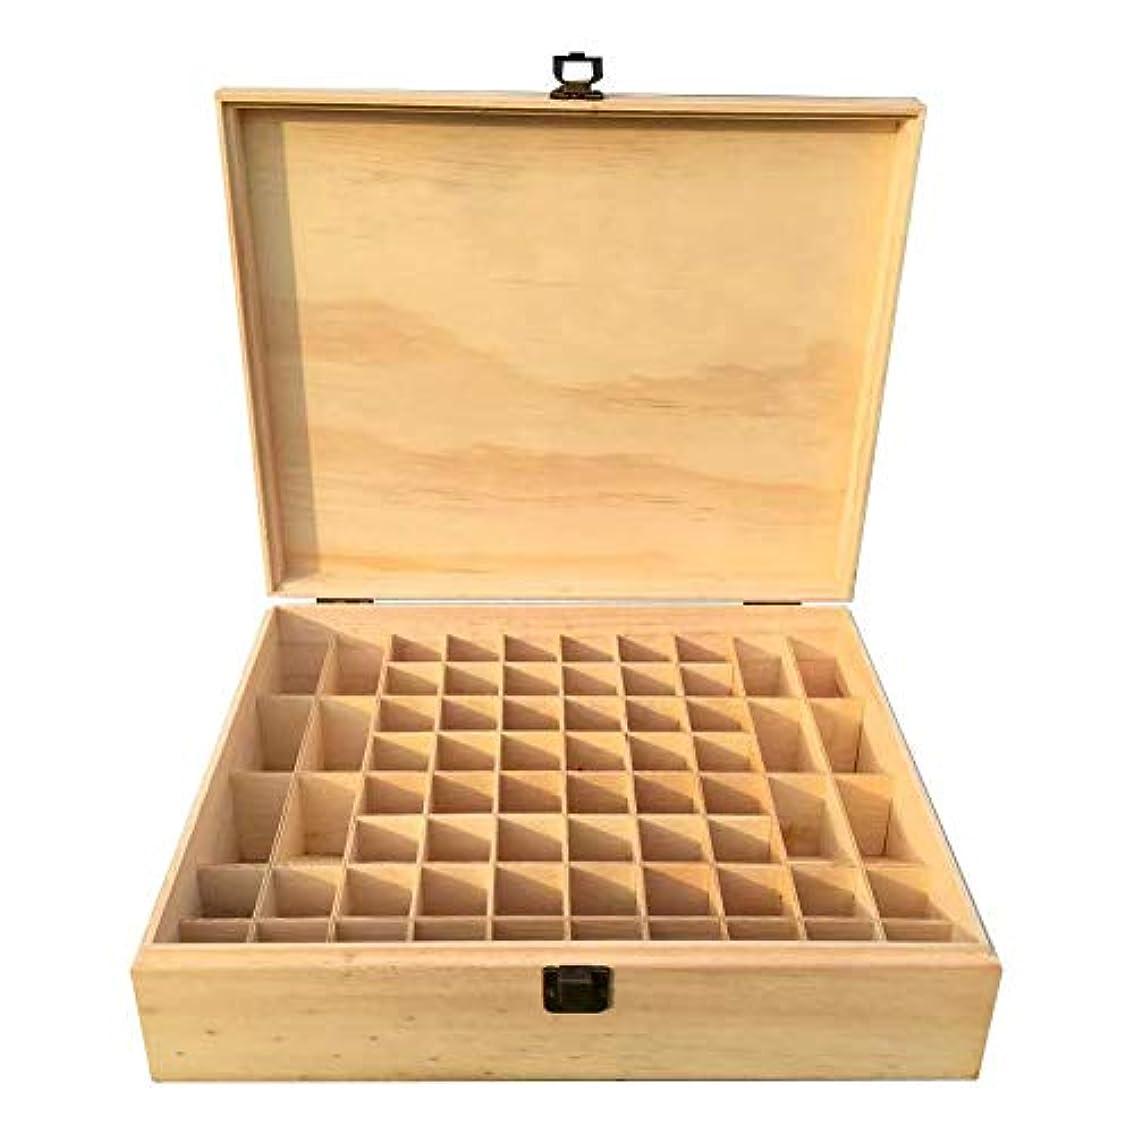 勃起翻訳国内の木製エッセンシャルオイル収納ボックス 精油収納ケース 68グリッド 大容量 5~15MLボトル用 junexi